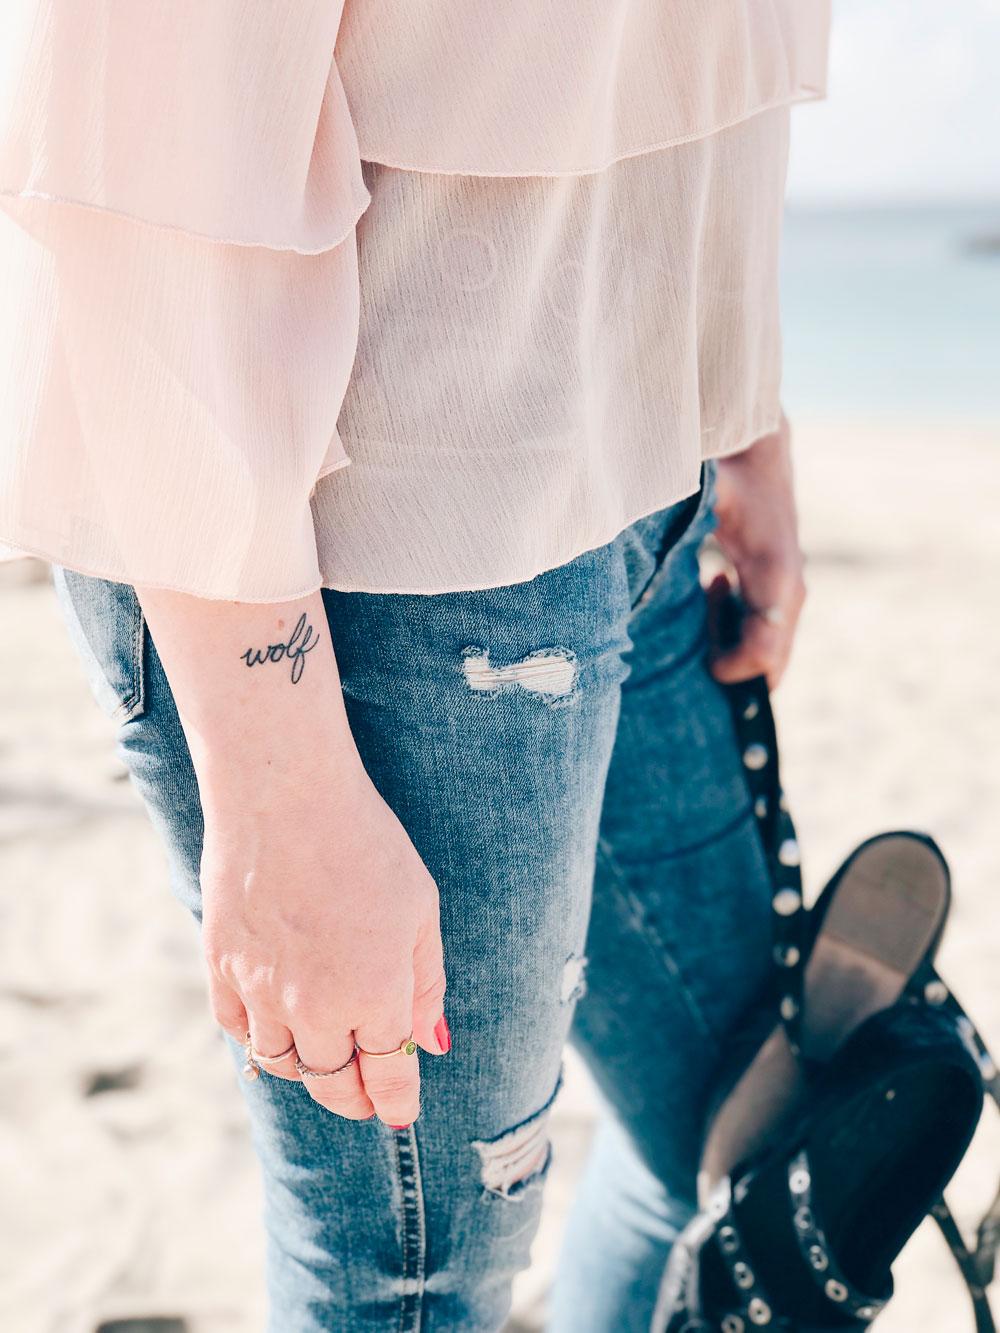 tatuaje Wolf de Arantza